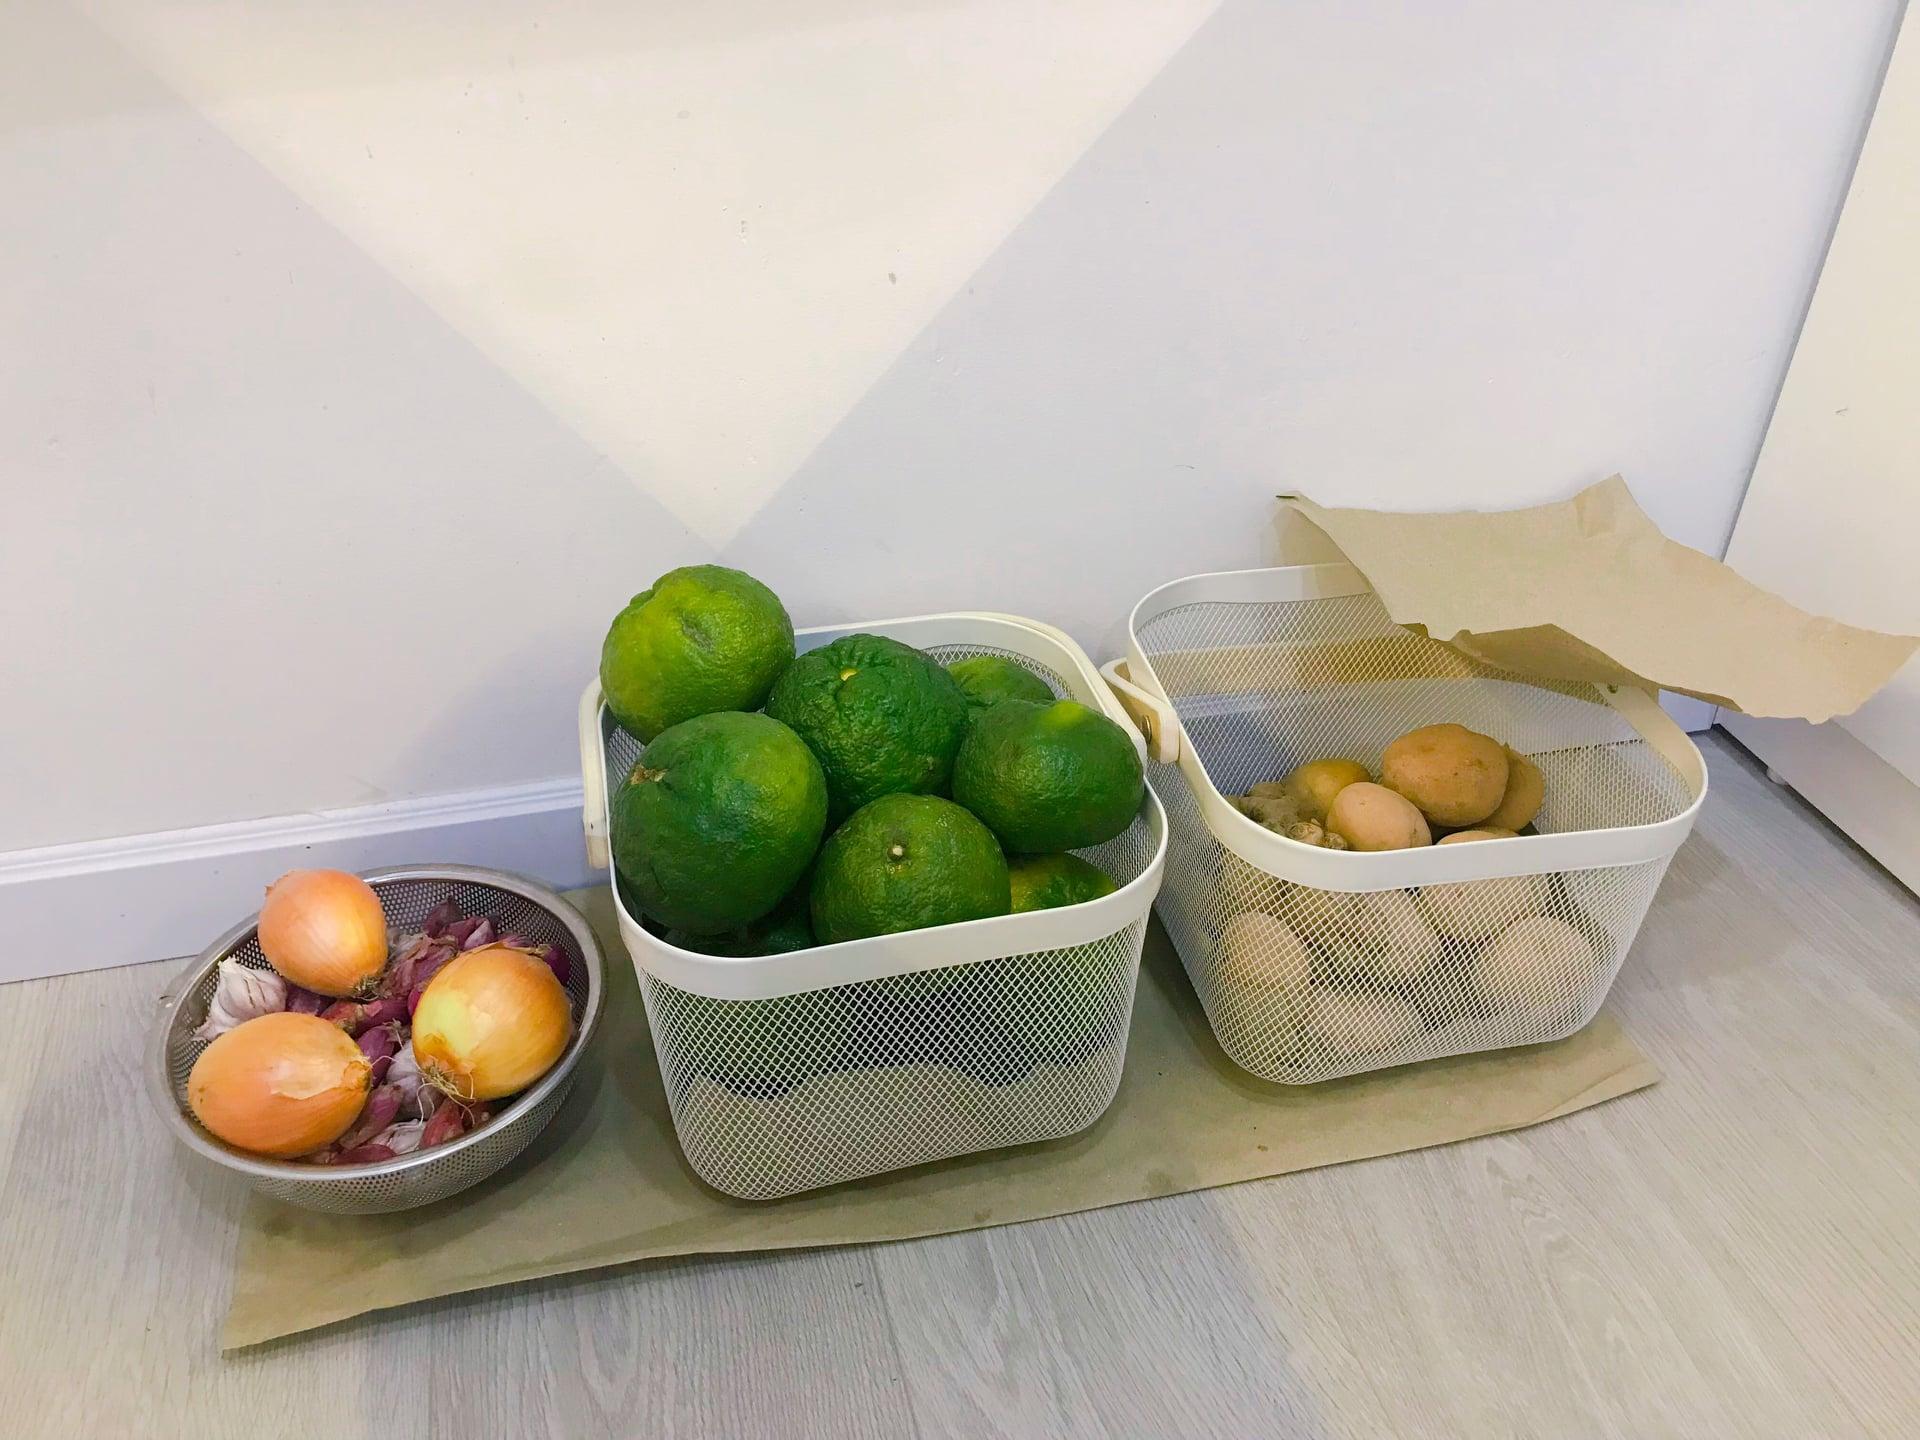 Gái đảm Sài Gòn bảo quản 11 loại thực phẩm tươi cả tuần mùa dịch - 9